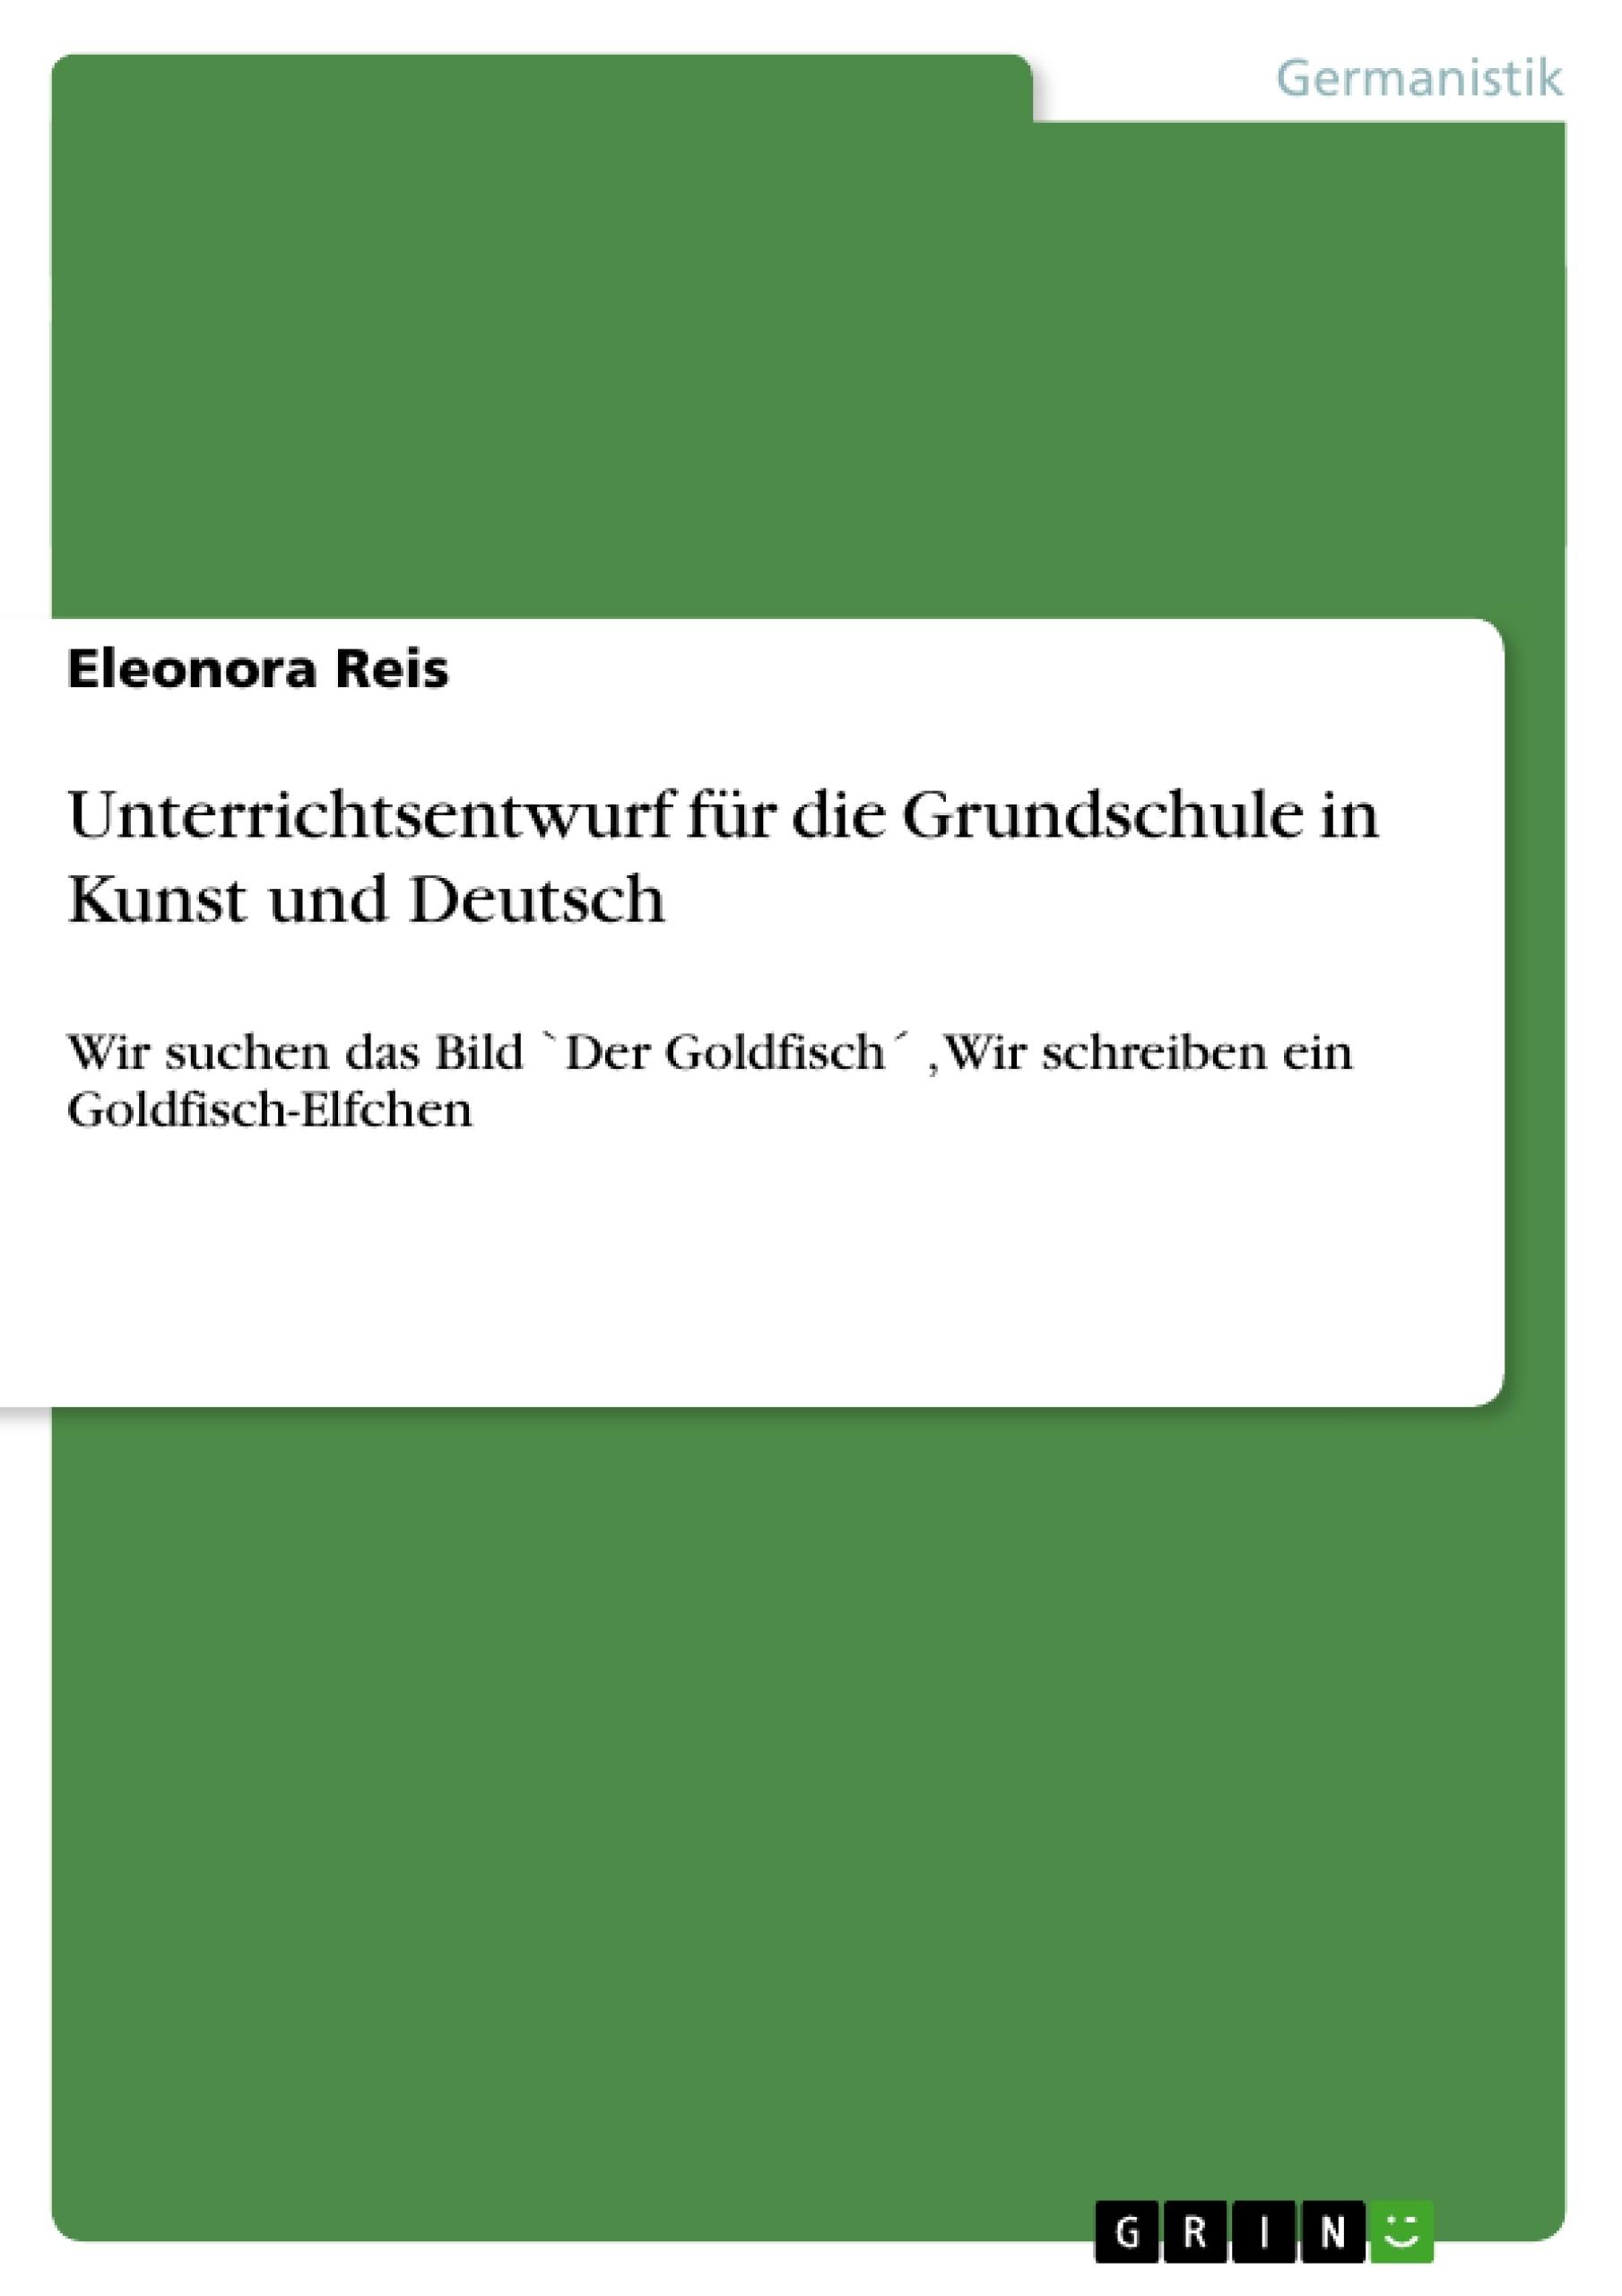 Titel: Unterrichtsentwurf für die Grundschule in Kunst und Deutsch